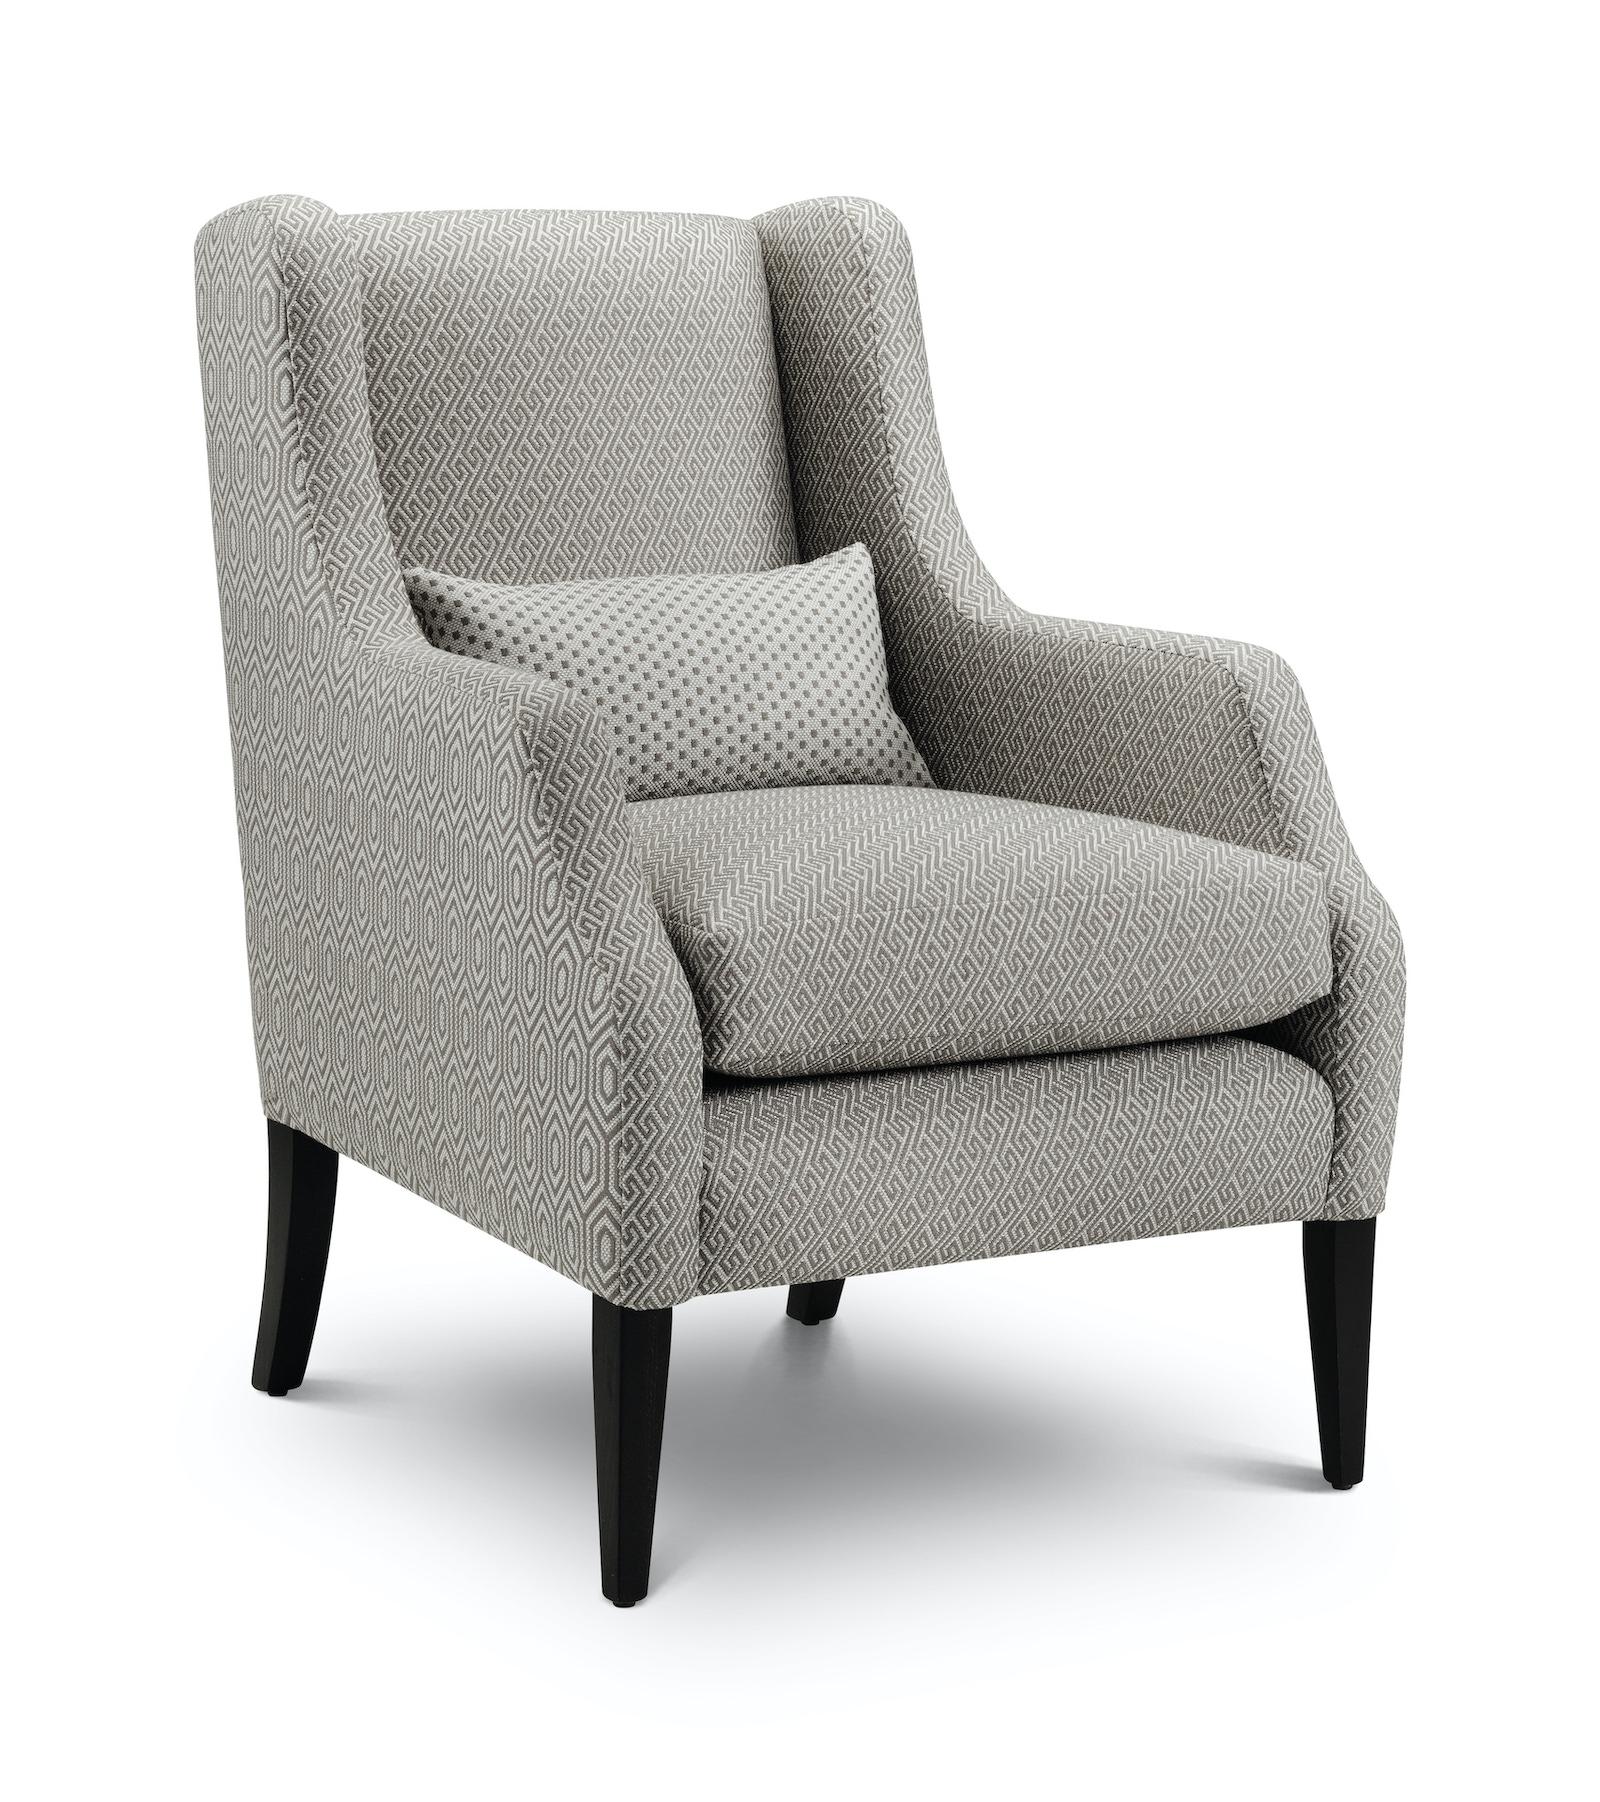 GALLERIA Chair